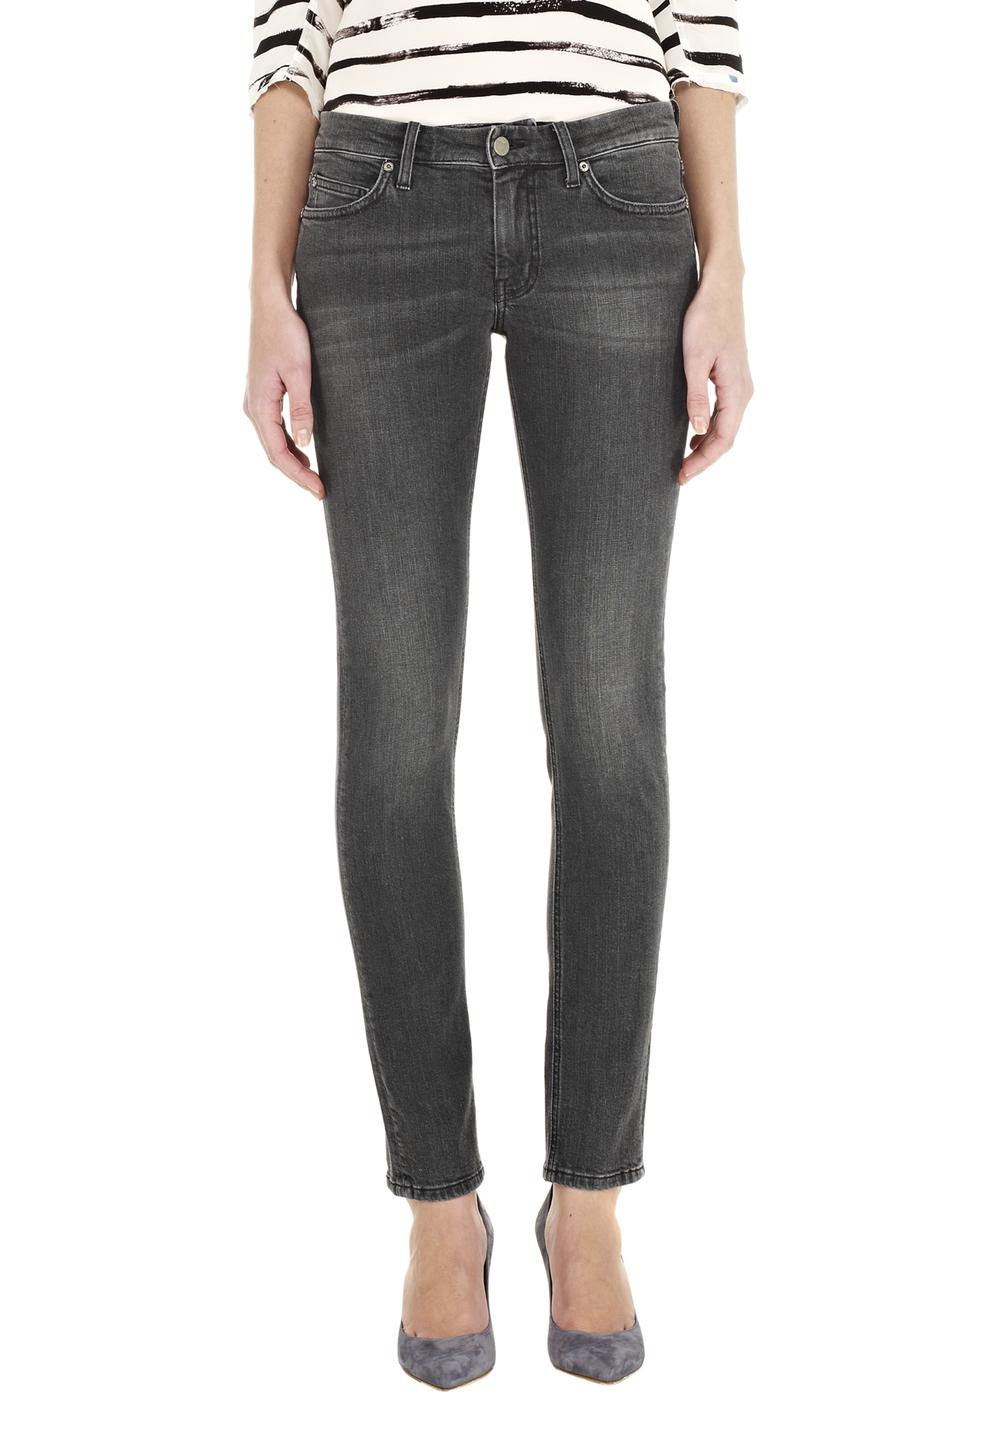 HGG W MiH Skinny Jeans Retro Black.jpg